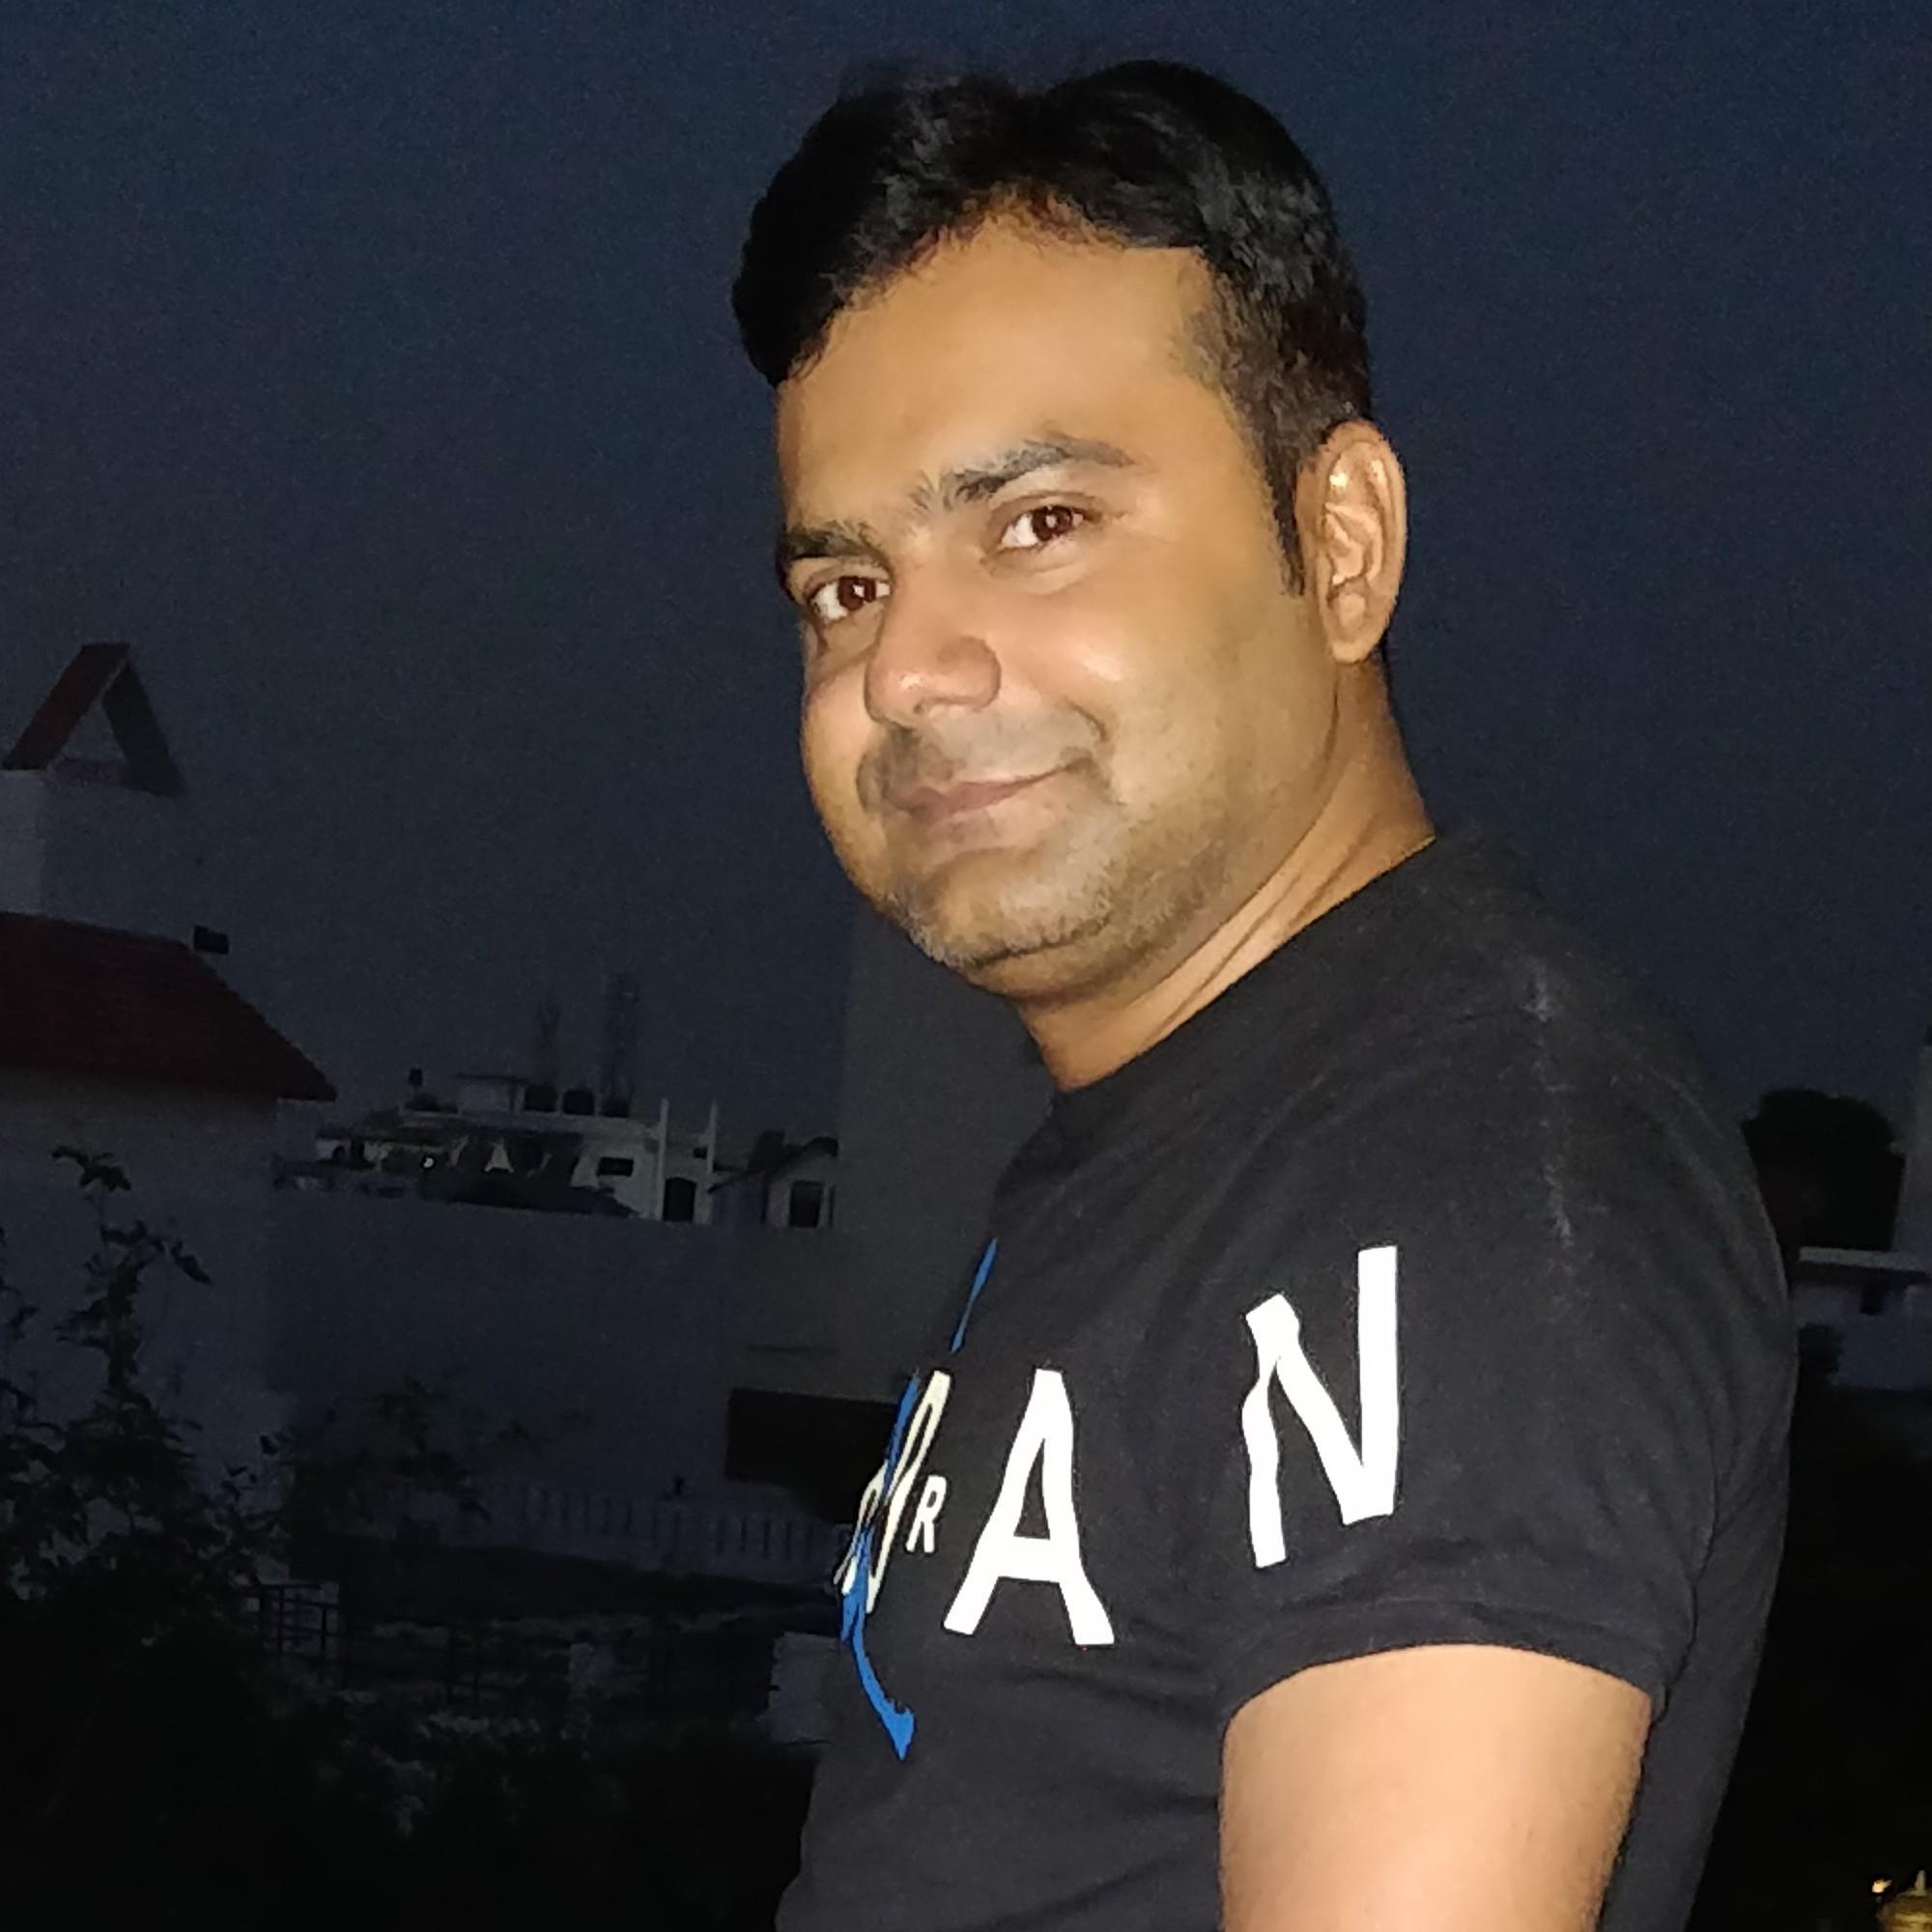 Om Prakash Sharma